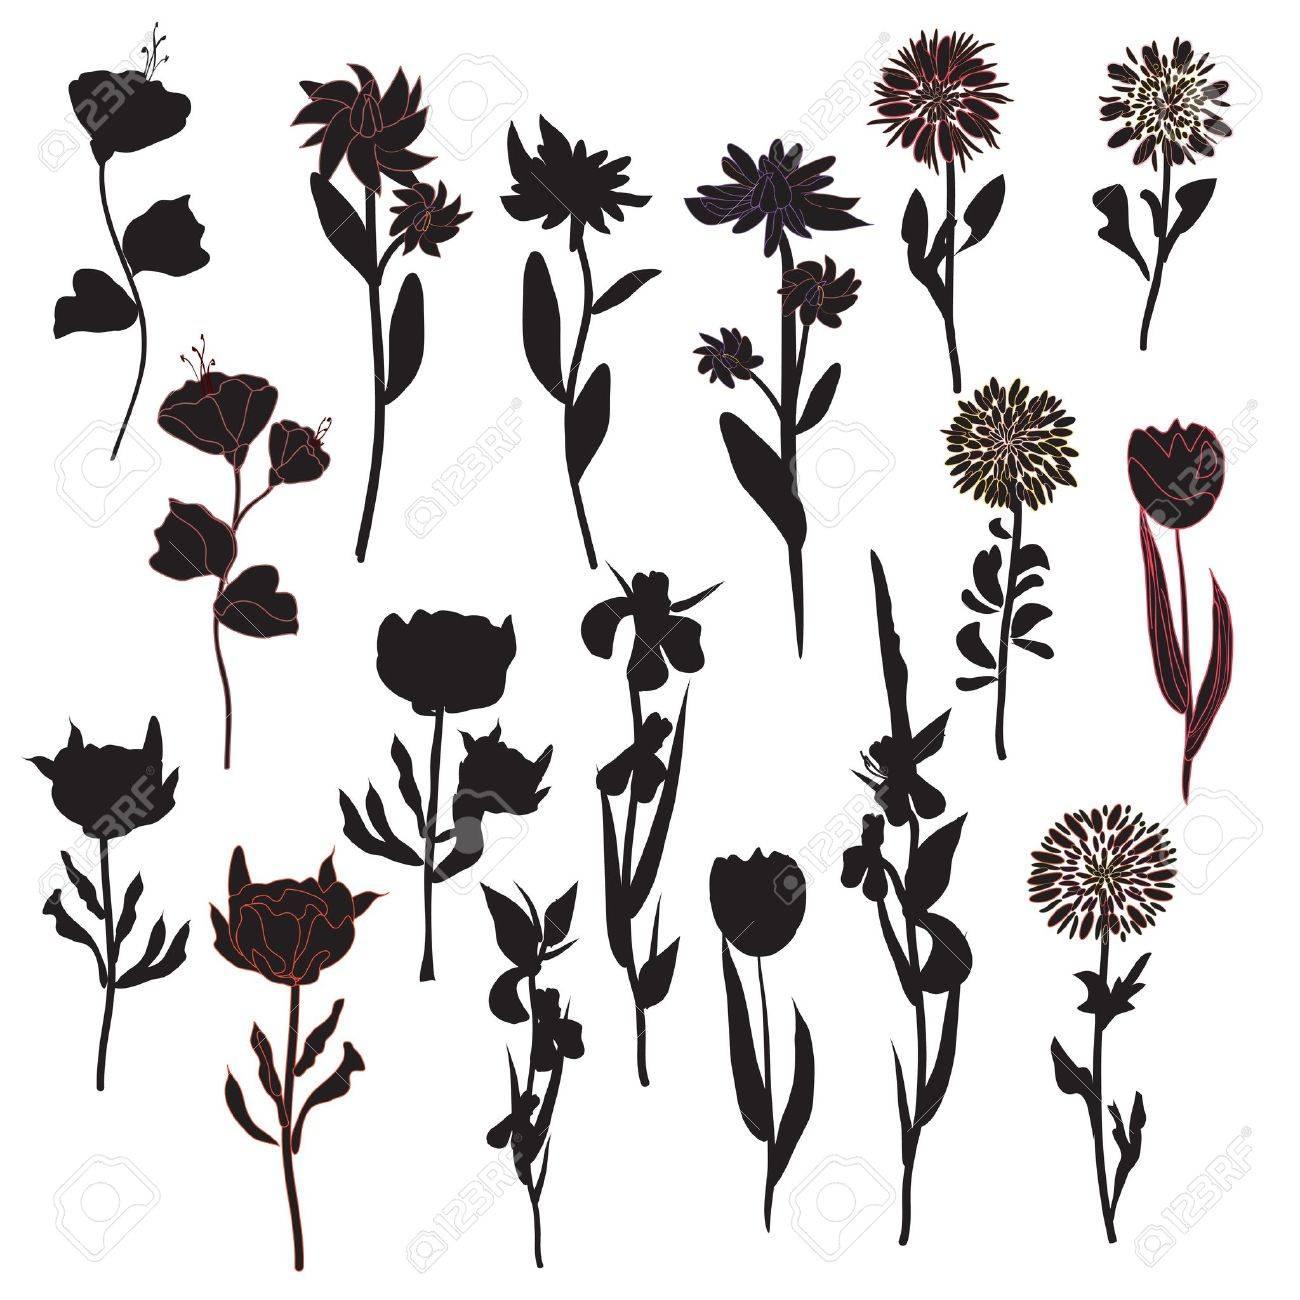 Flowers silhoette set in black Stock Vector - 11780194